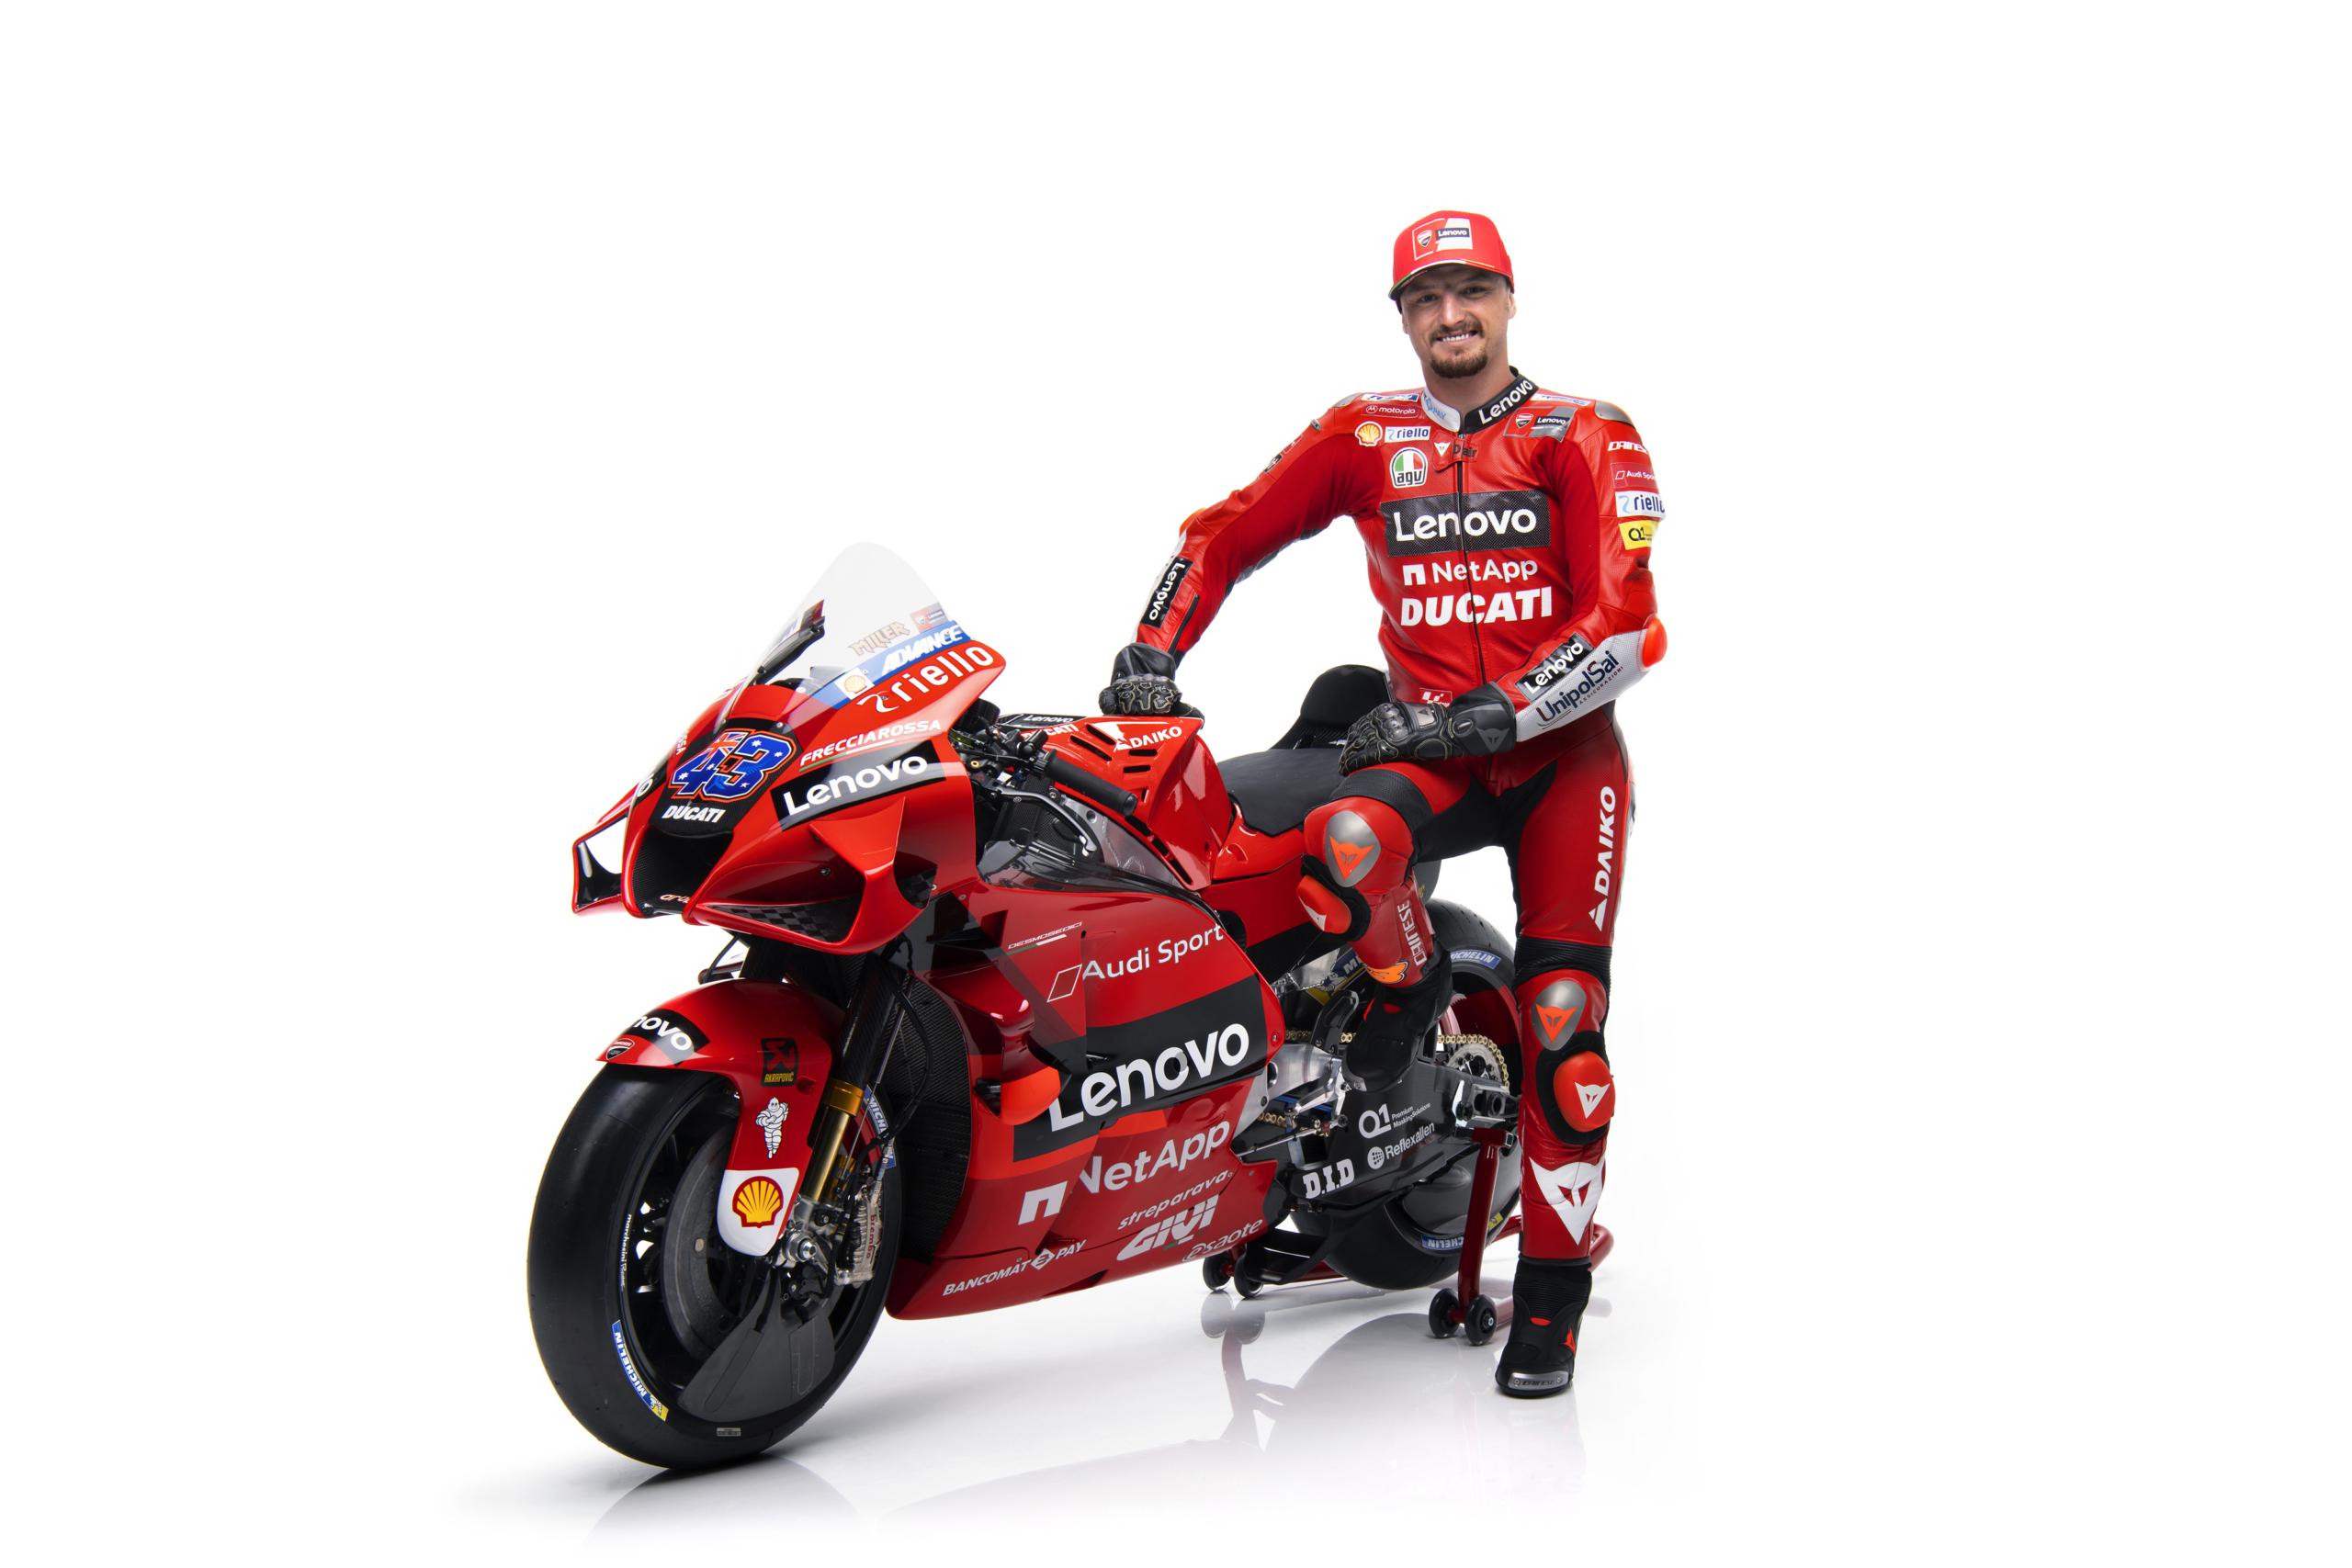 Ducati presentó la Desmosedici GP 2021 de Jack Miller y Pecco Bagnaia